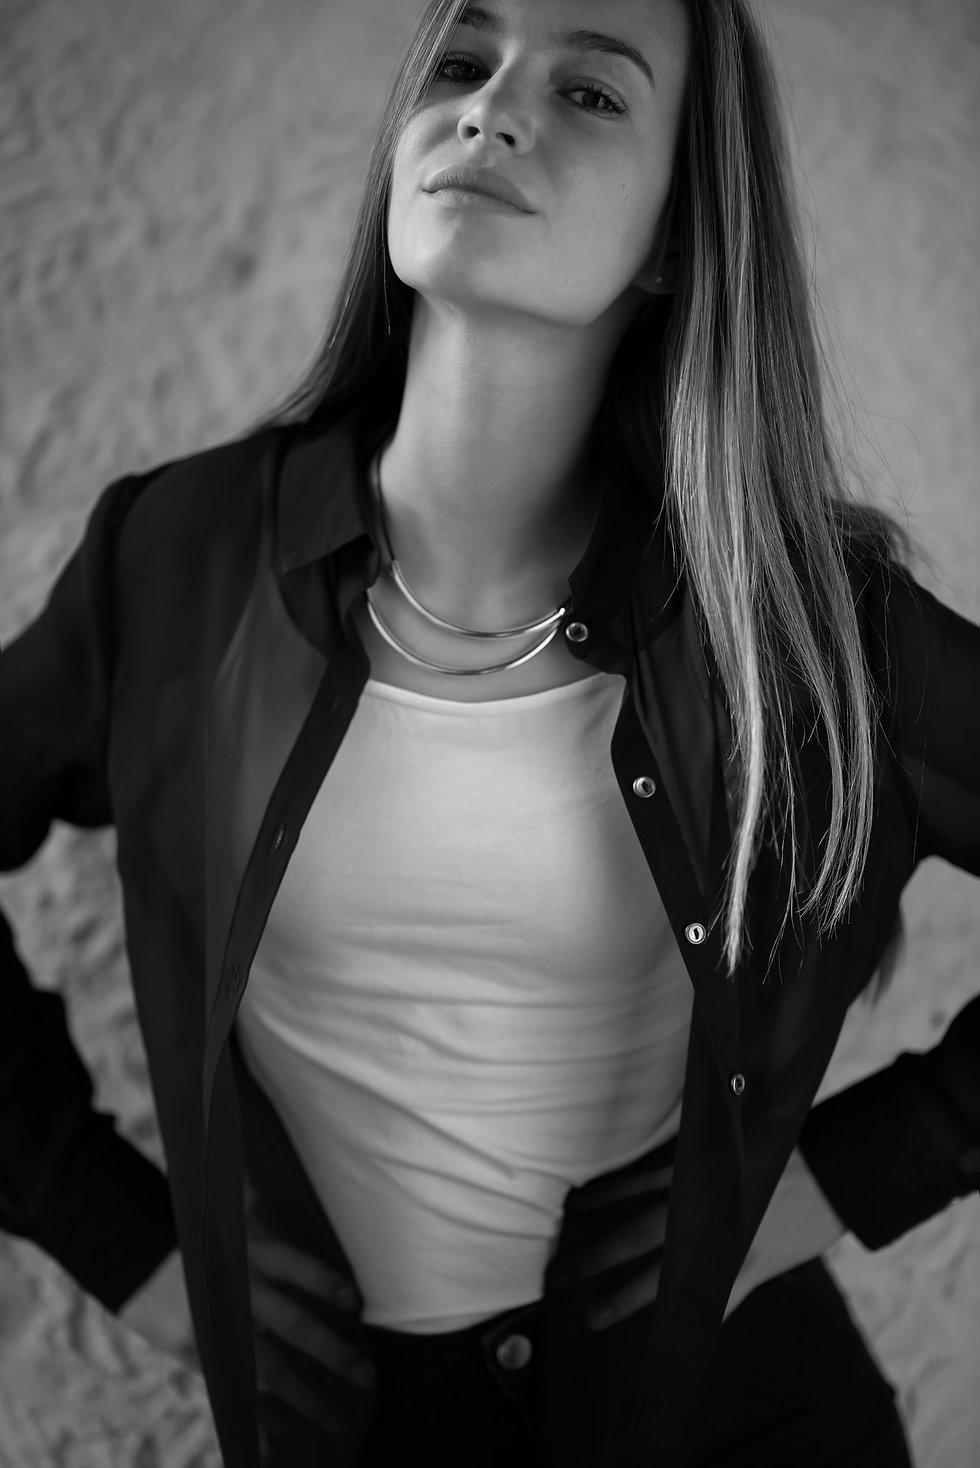 Janine - Seine Models - Polaroids